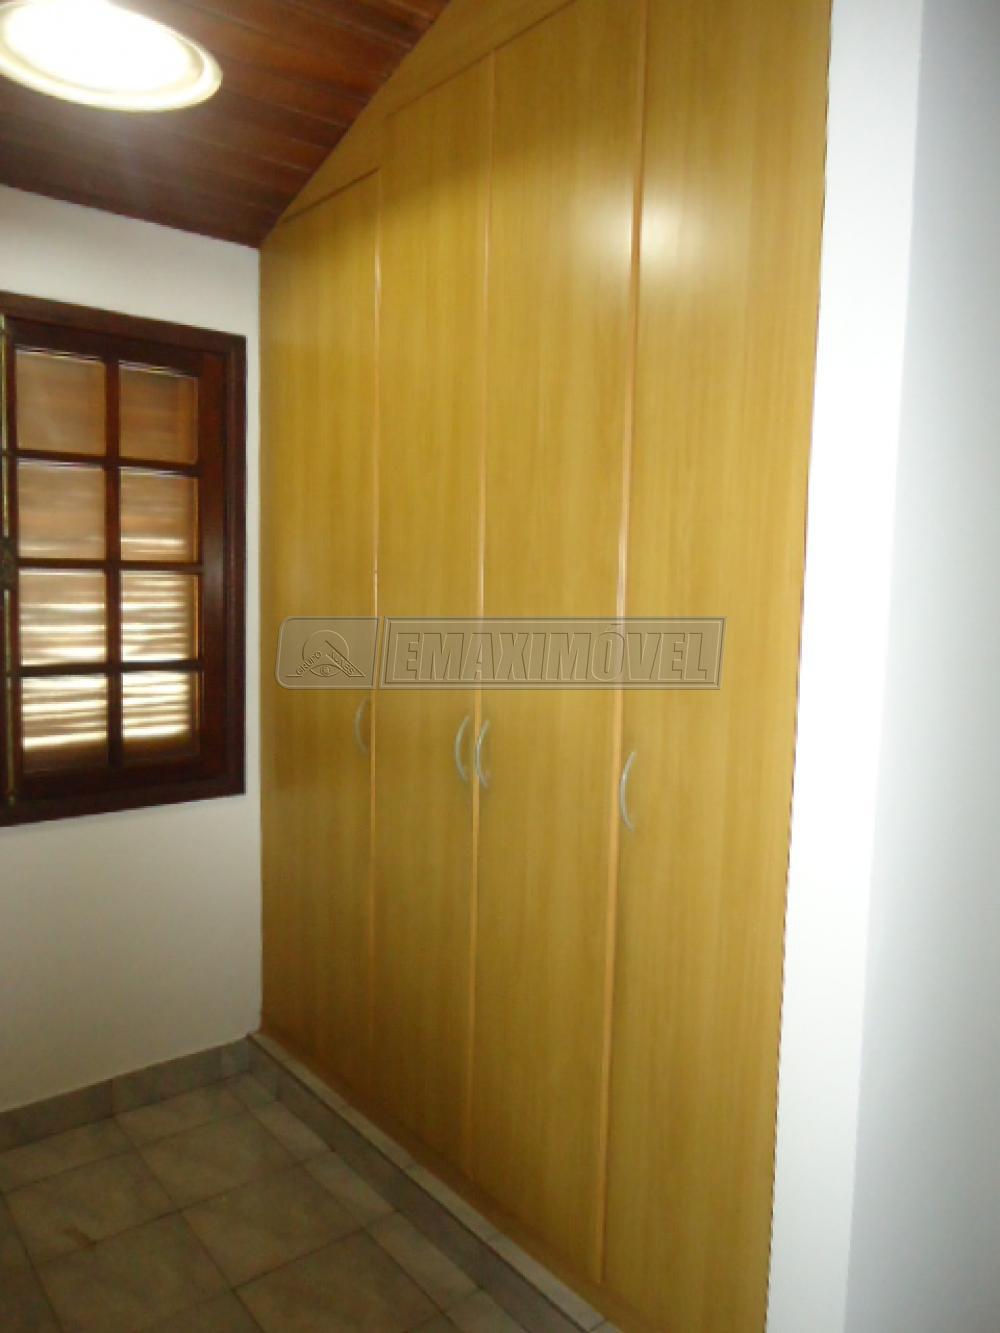 Alugar Casas / em Condomínios em Sorocaba apenas R$ 1.200,00 - Foto 9